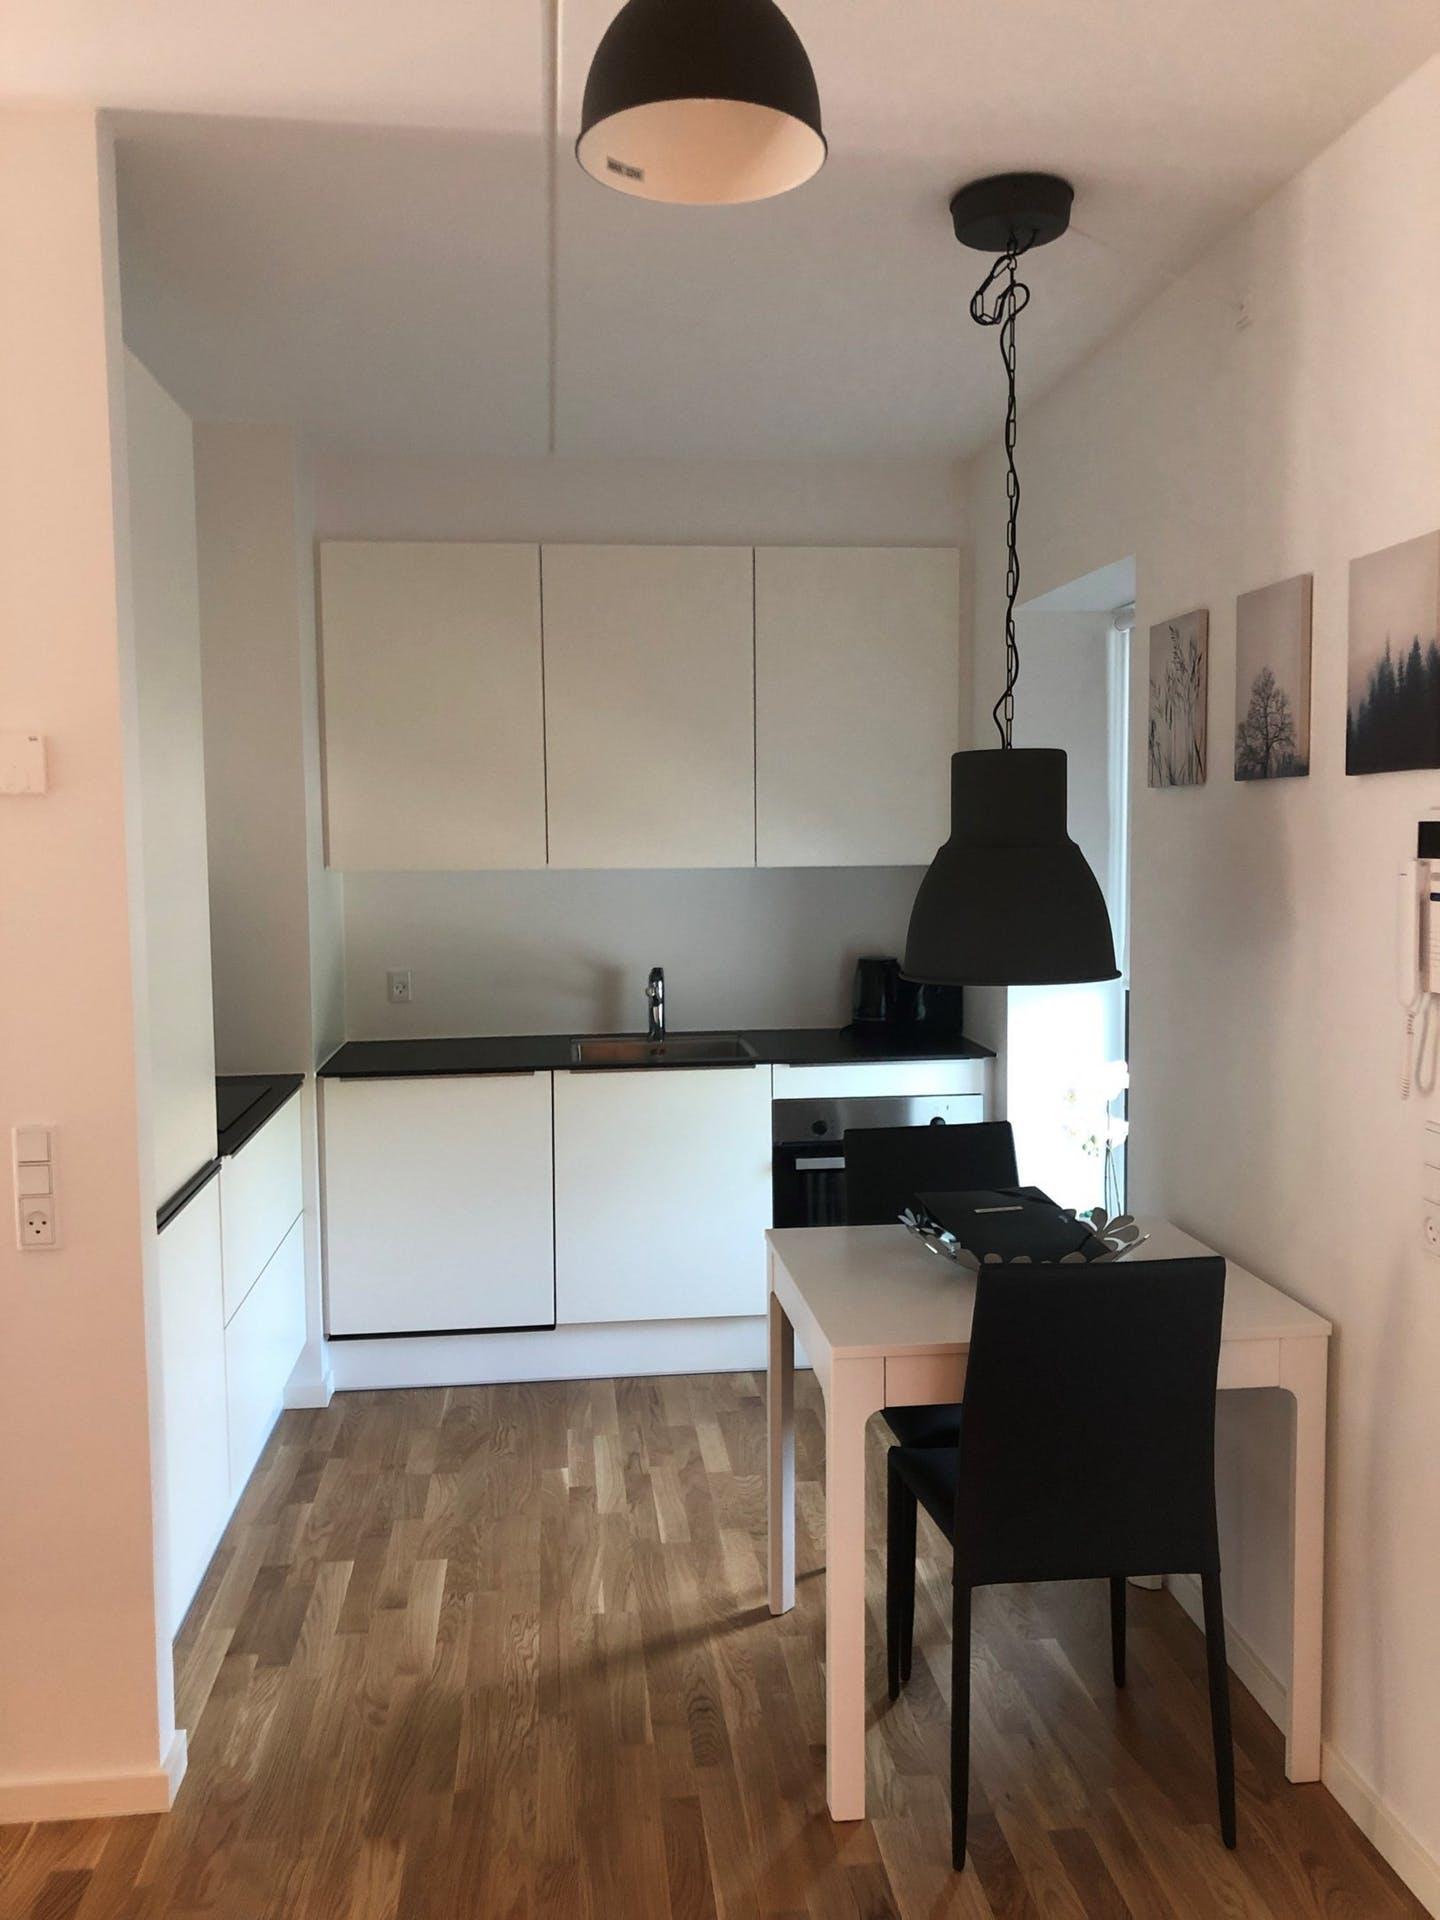 Kitchen at Møllehatten 11 Apartment, Risskov, Aarhus